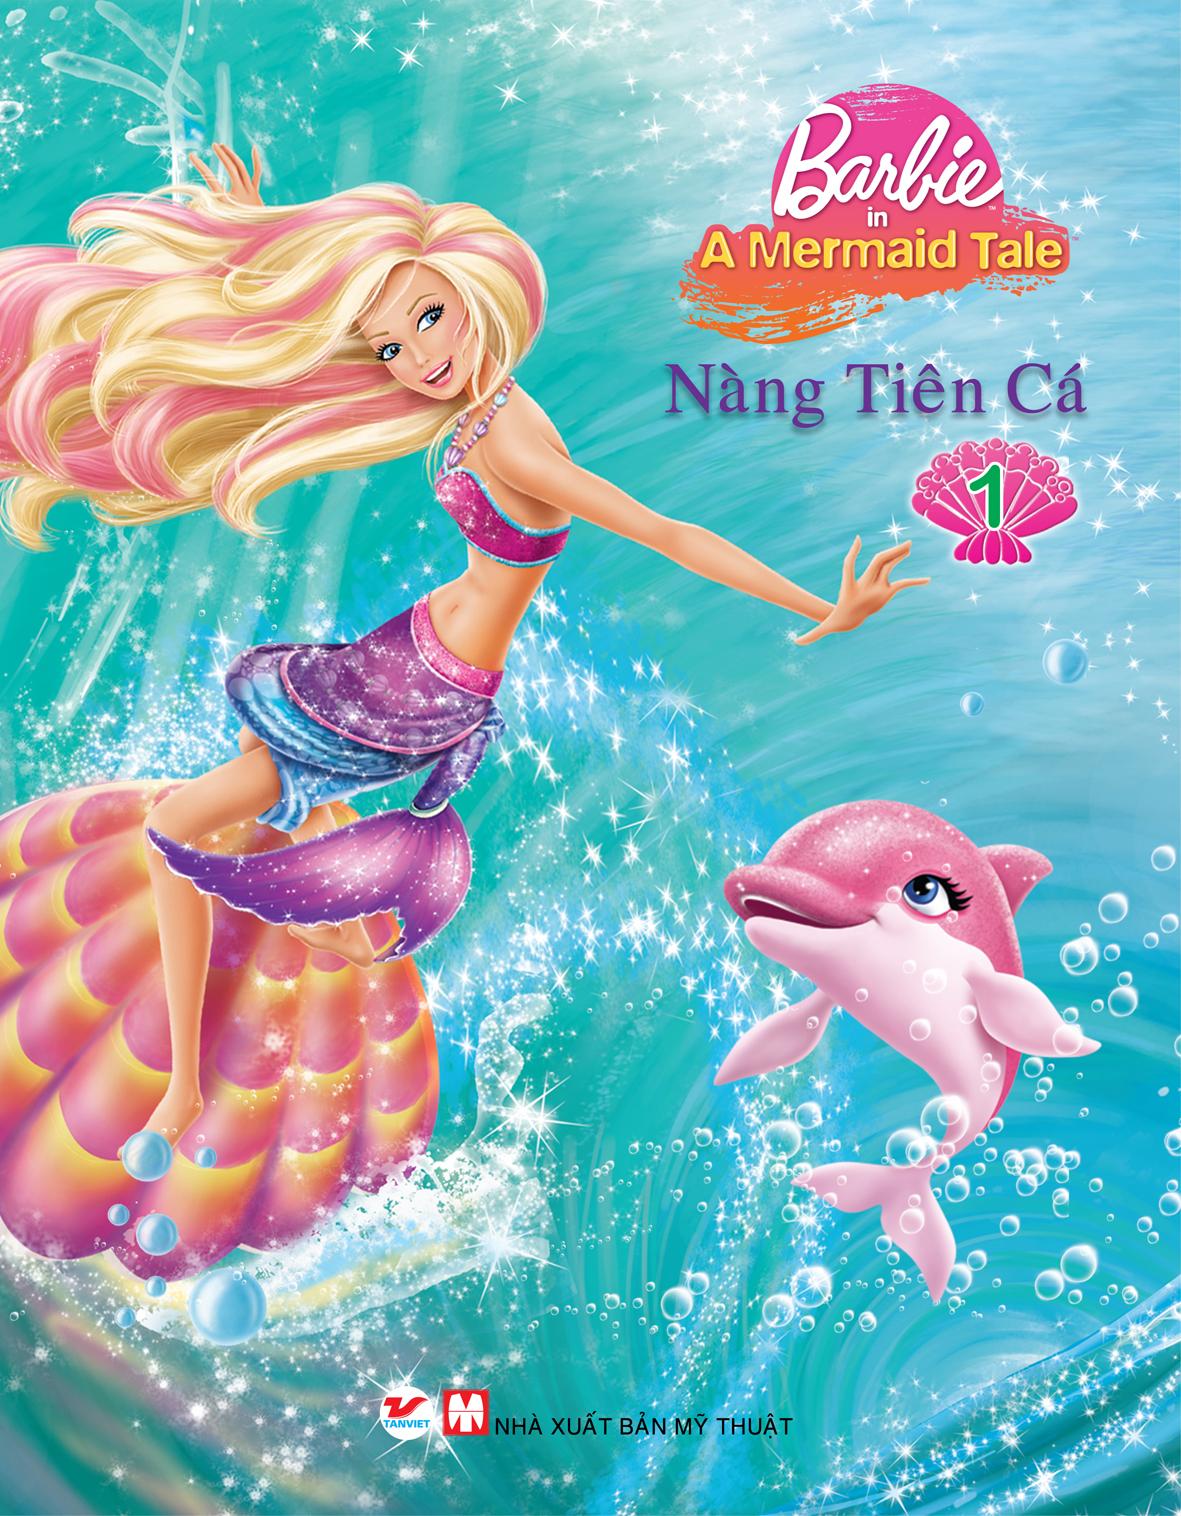 Truyện Tranh Công Chúa Barbie - Nàng Tiên Cá (Tập 1) - 9786047810079,62_102870,25000,tiki.vn,Truyen-Tranh-Cong-Chua-Barbie-Nang-Tien-Ca-Tap-1-62_102870,Truyện Tranh Công Chúa Barbie - Nàng Tiên Cá (Tập 1)